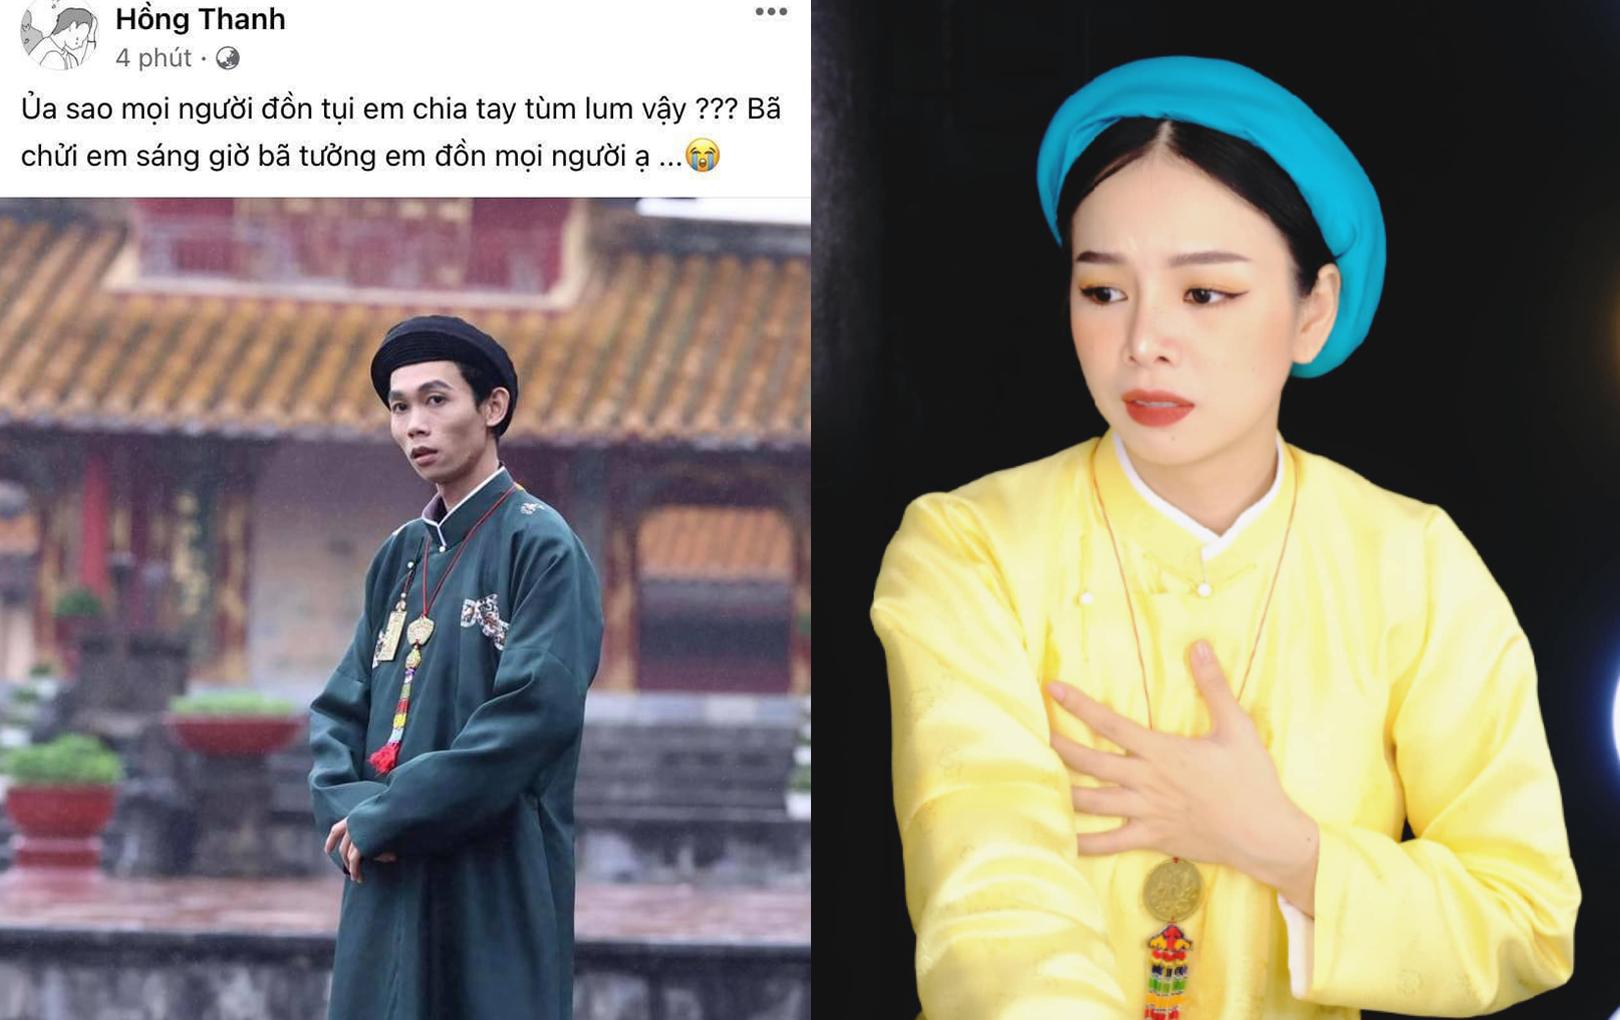 """Hậu nghi vấn chia tay, DJ Mie - Hồng Thanh vội """"chữa cháy"""", lời giải thích còn khiến netizen bất ngờ hơn"""